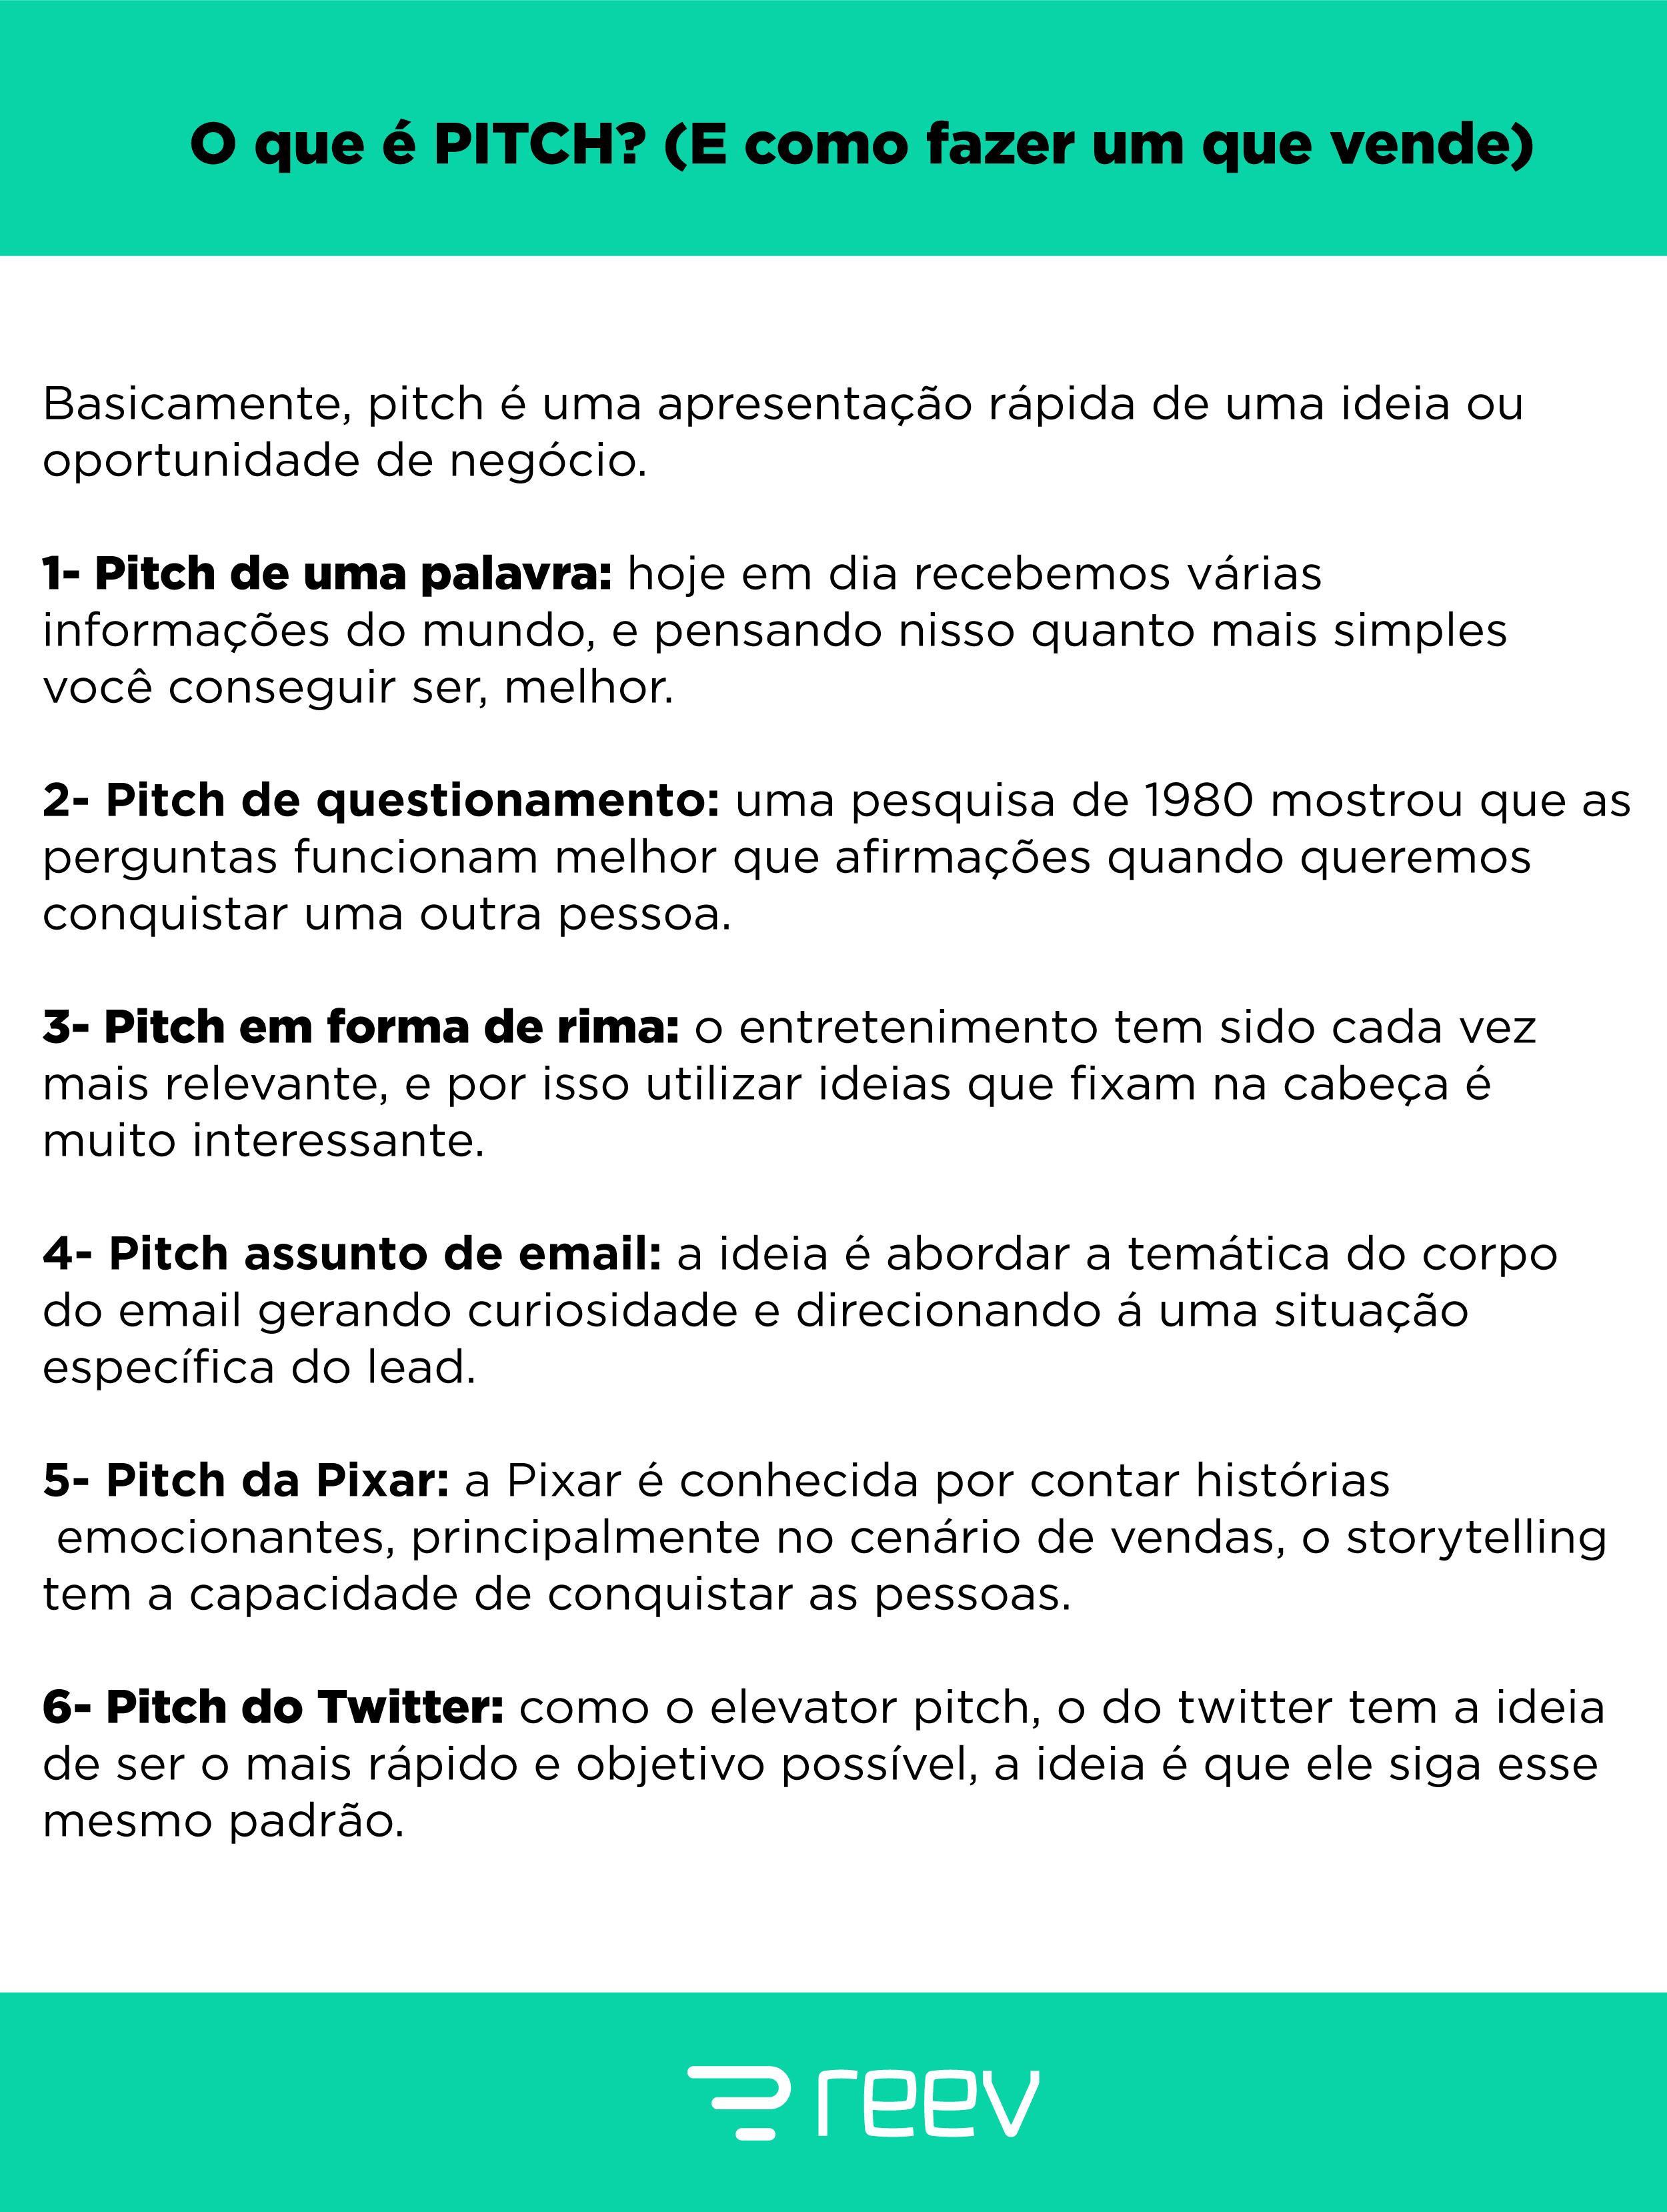 [HOME OFFICE FRIDAY #109] O que é Pitch? (E como f...